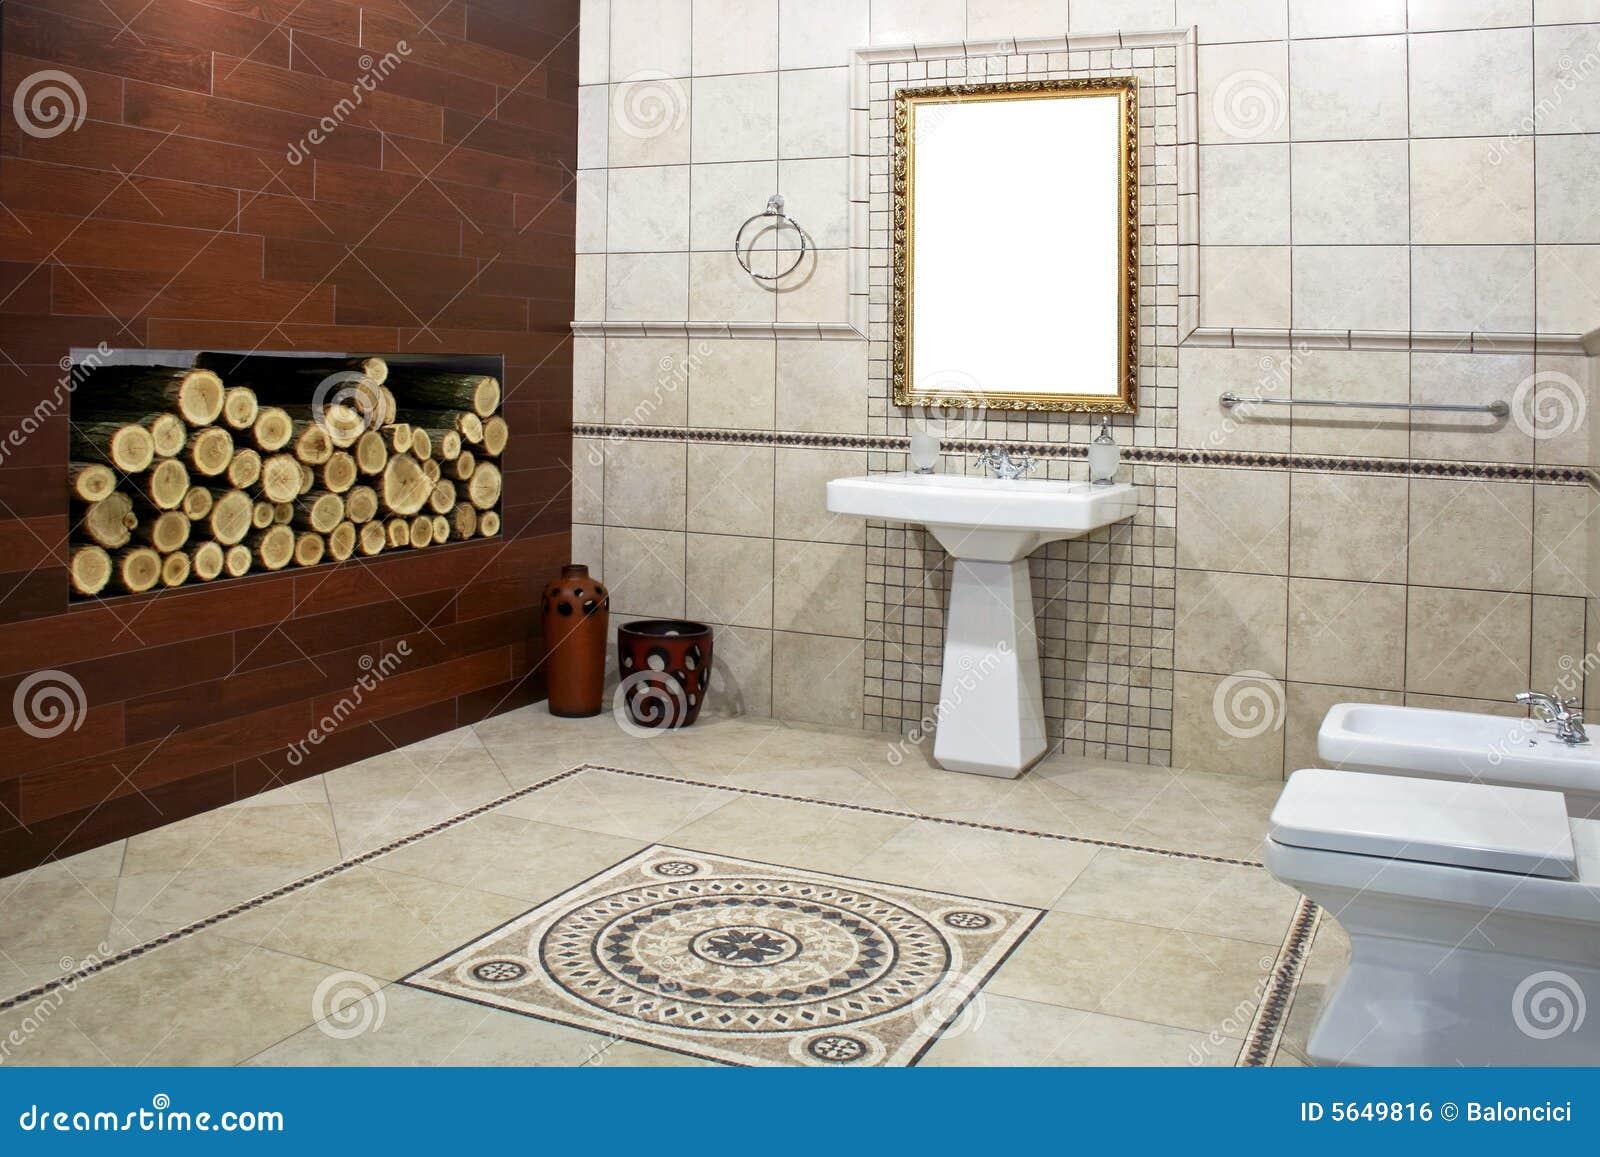 Italienisches Badezimmer stockfoto. Bild von griffe, bassin - 5649816